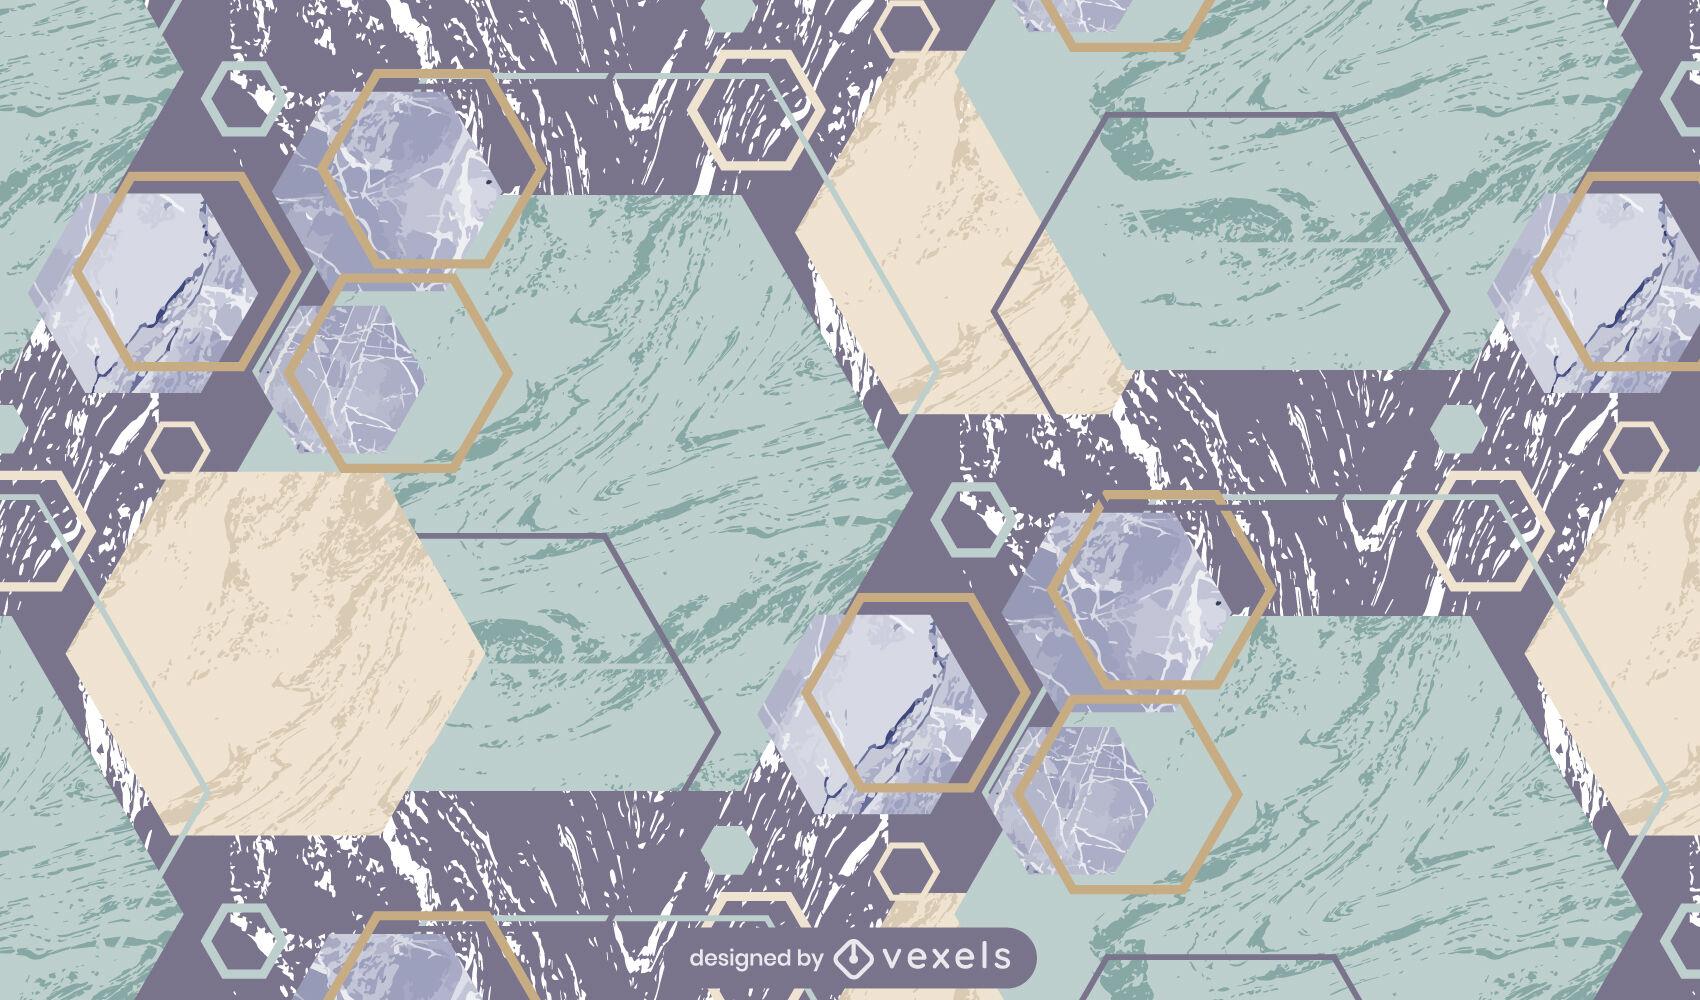 Patrón geométrico de mármol claro